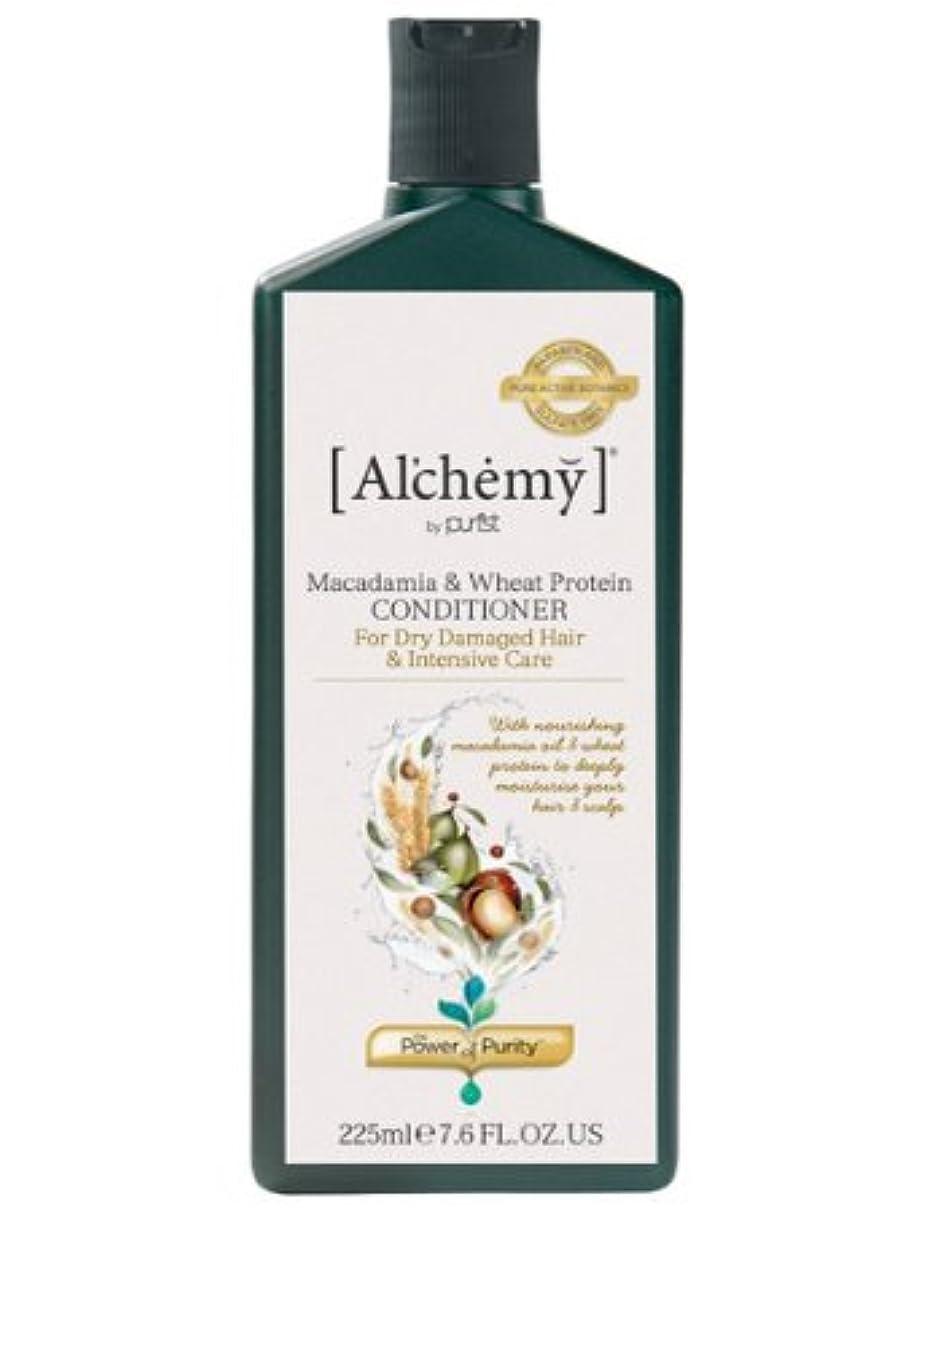 放棄窓物思いにふける【Al'chemy(alchemy)】アルケミー マカダミア&ホイート(小麦) コンディショナー(Macadamia & Wheat Protein Conditioner)(ドライ髪用)225ml